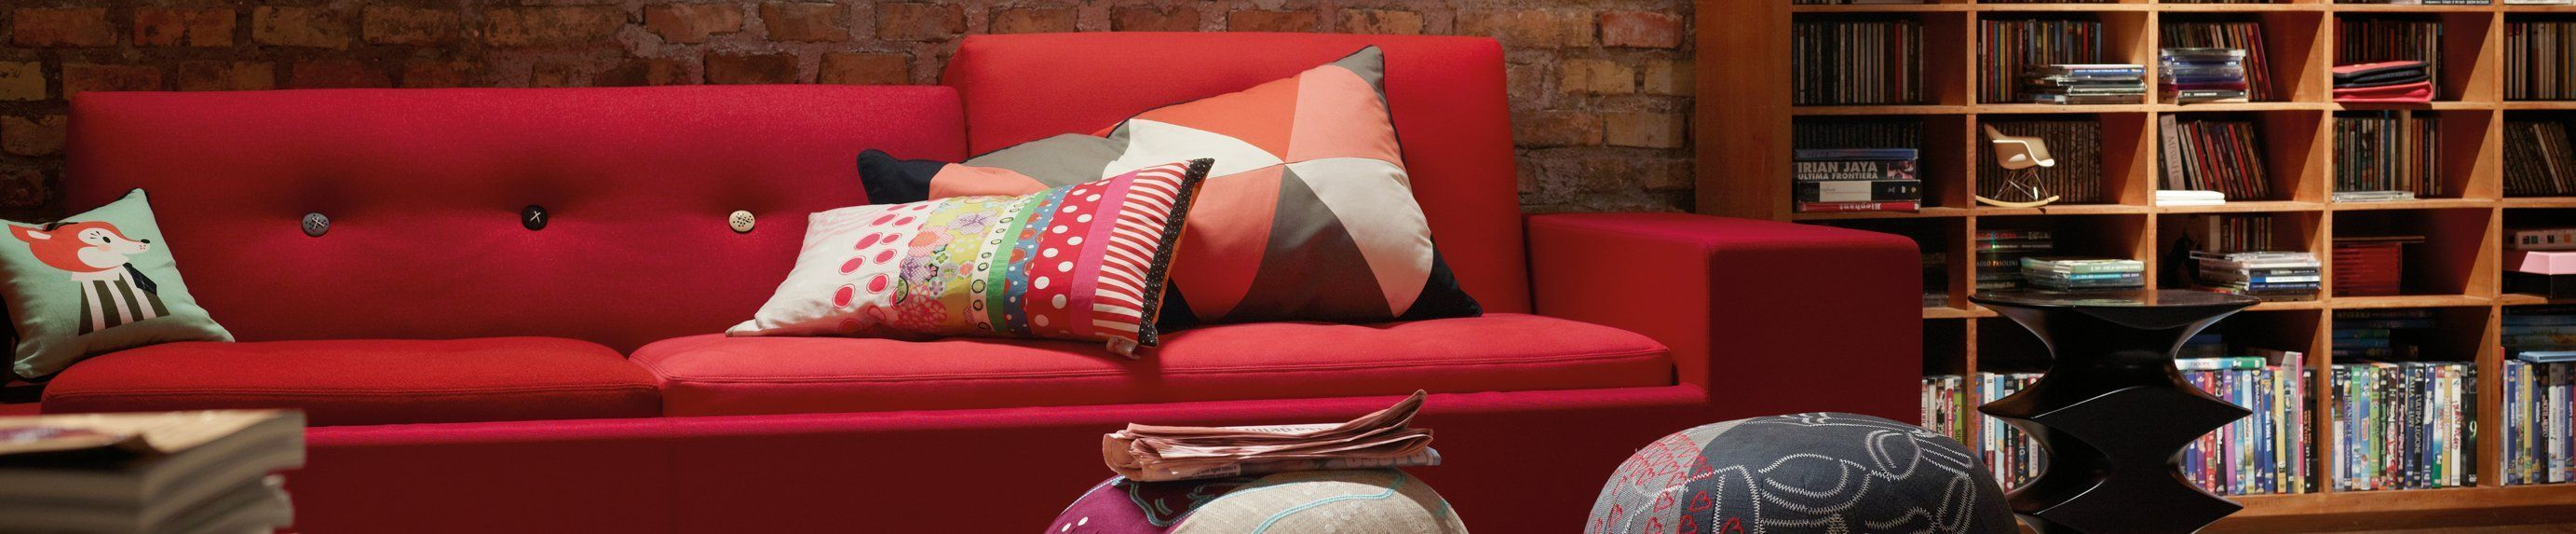 3 x Kindvriendelijke meubelstoffen